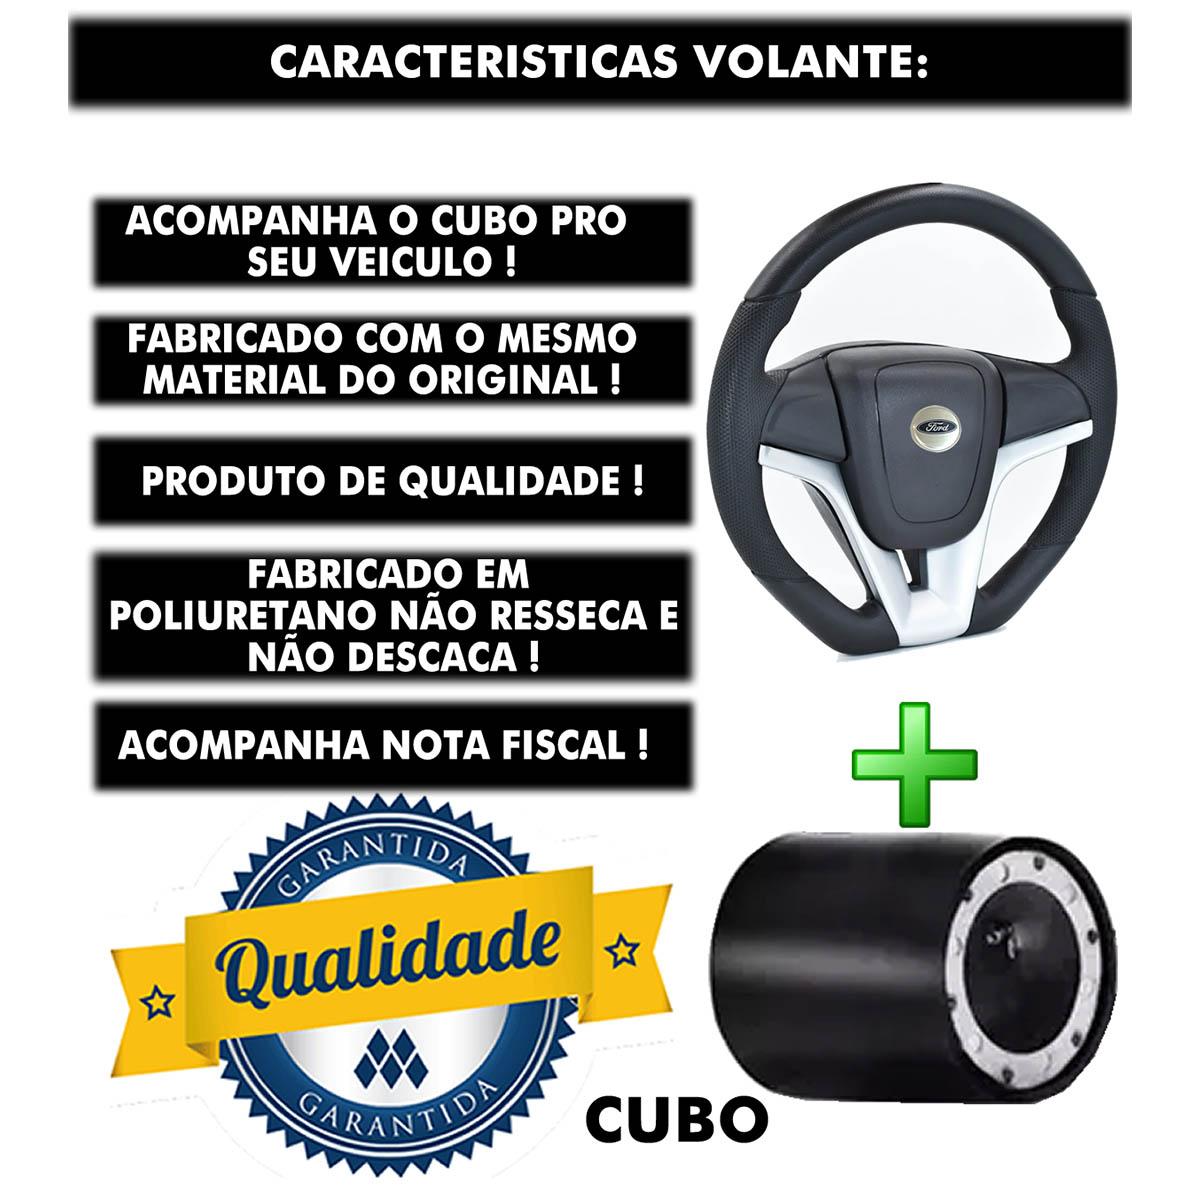 Volante Ford Camaro Esportivo Cubo Corcel Belina Maverick Del Rey Pampa